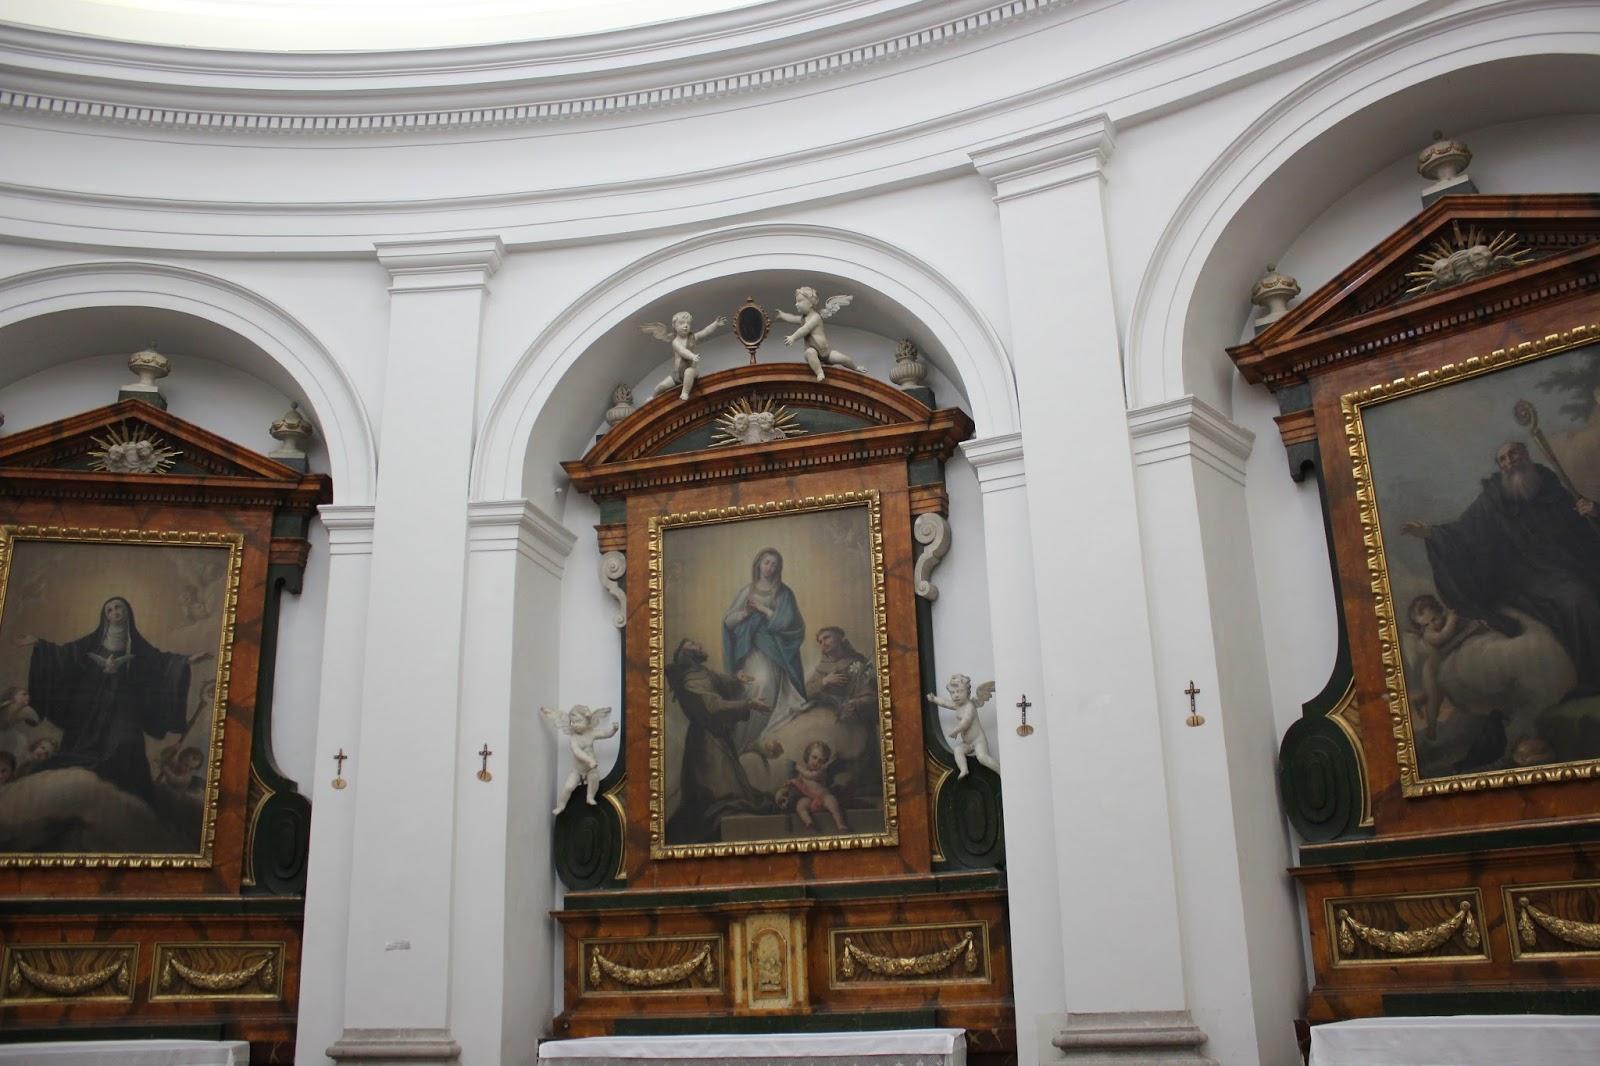 Maravillas ocultas de espa a valladolid un convento y - Santa ana valladolid ...